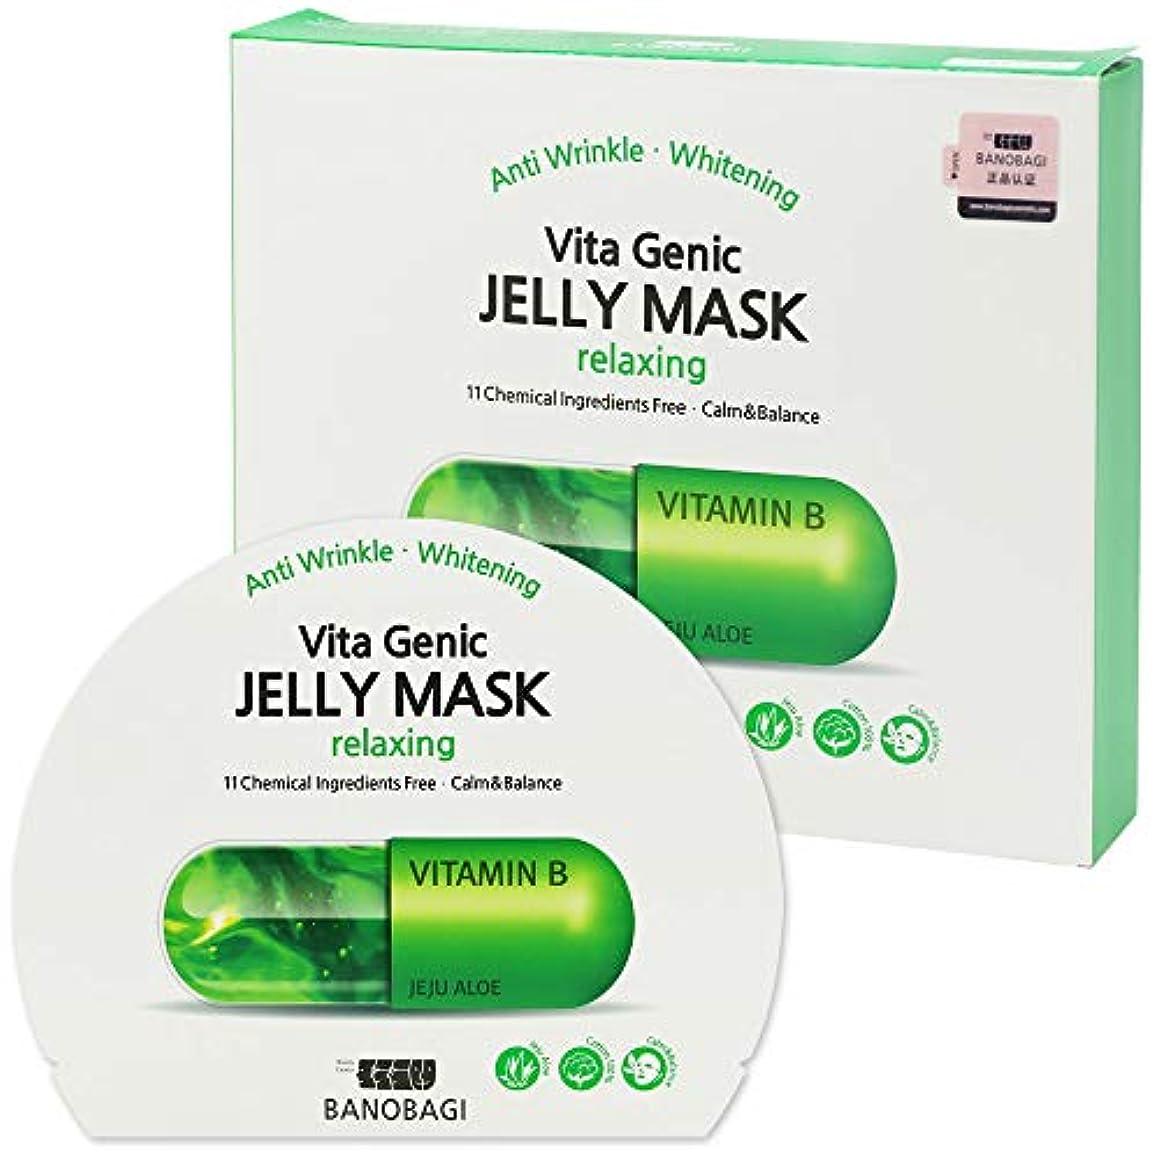 魅惑的な嘆くケイ素バナバギ[BANOBAGI] ヴィータジェニックゼリーマスク★リラックス(緑)30mlx10P / Vita Genic Jelly Mask (Relaxing-Green)